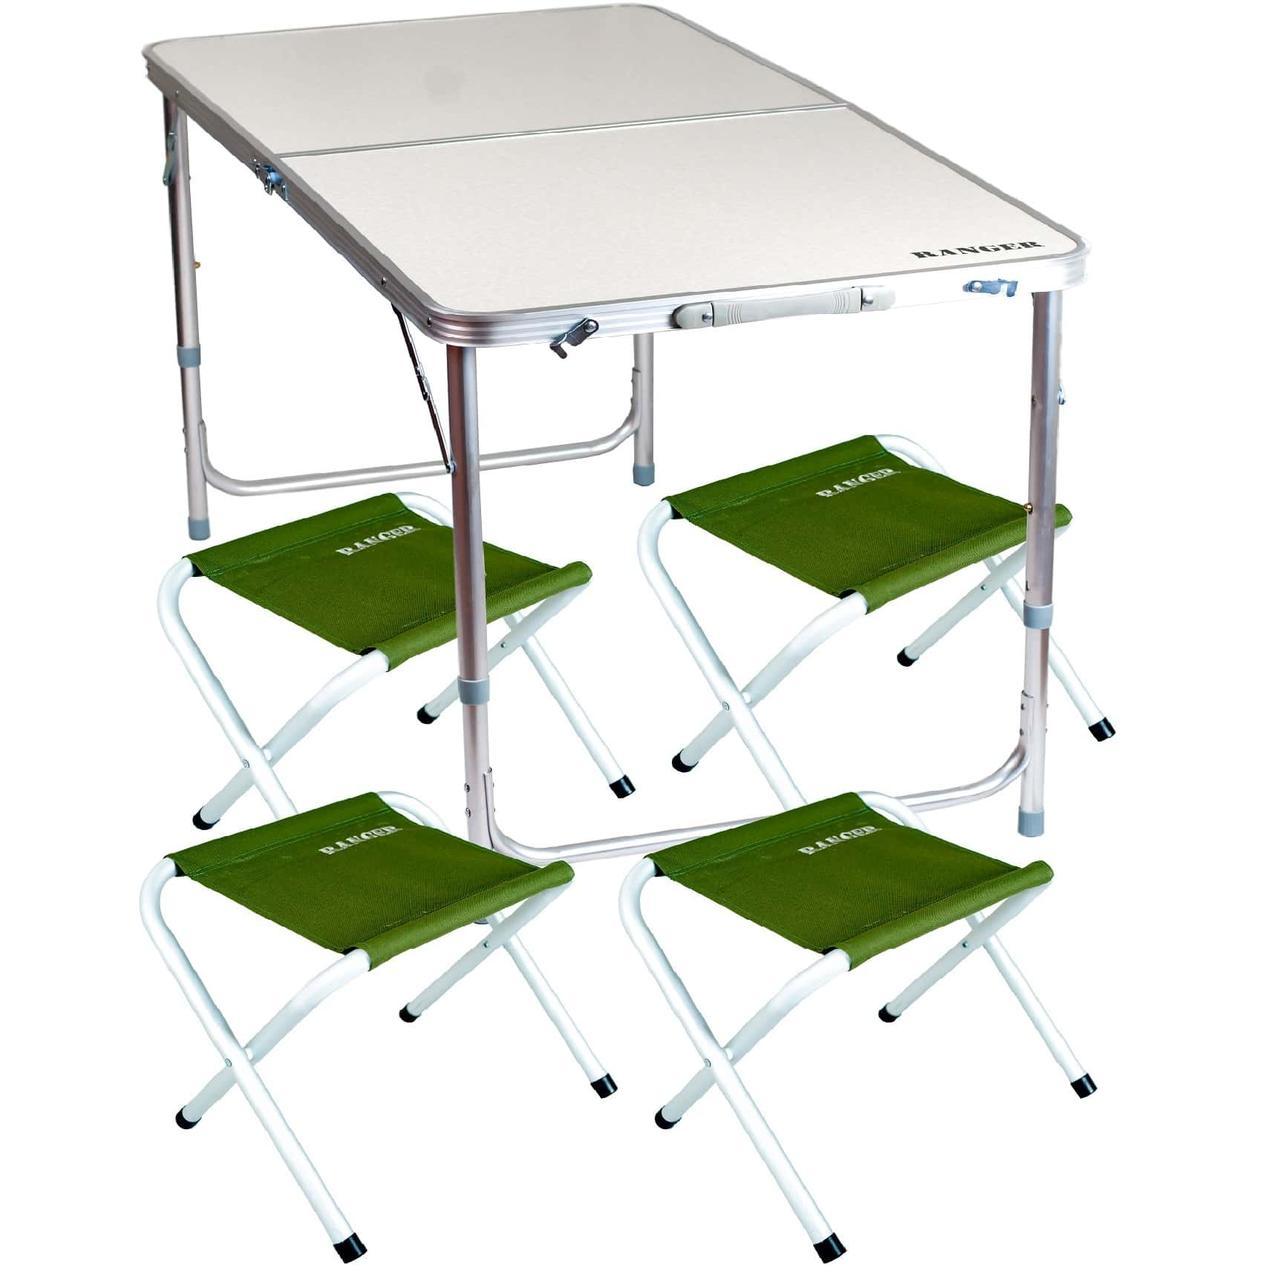 Комплект мебели складной для дачи природы пикника Ranger ST 402 стол + 4 стула + чехол